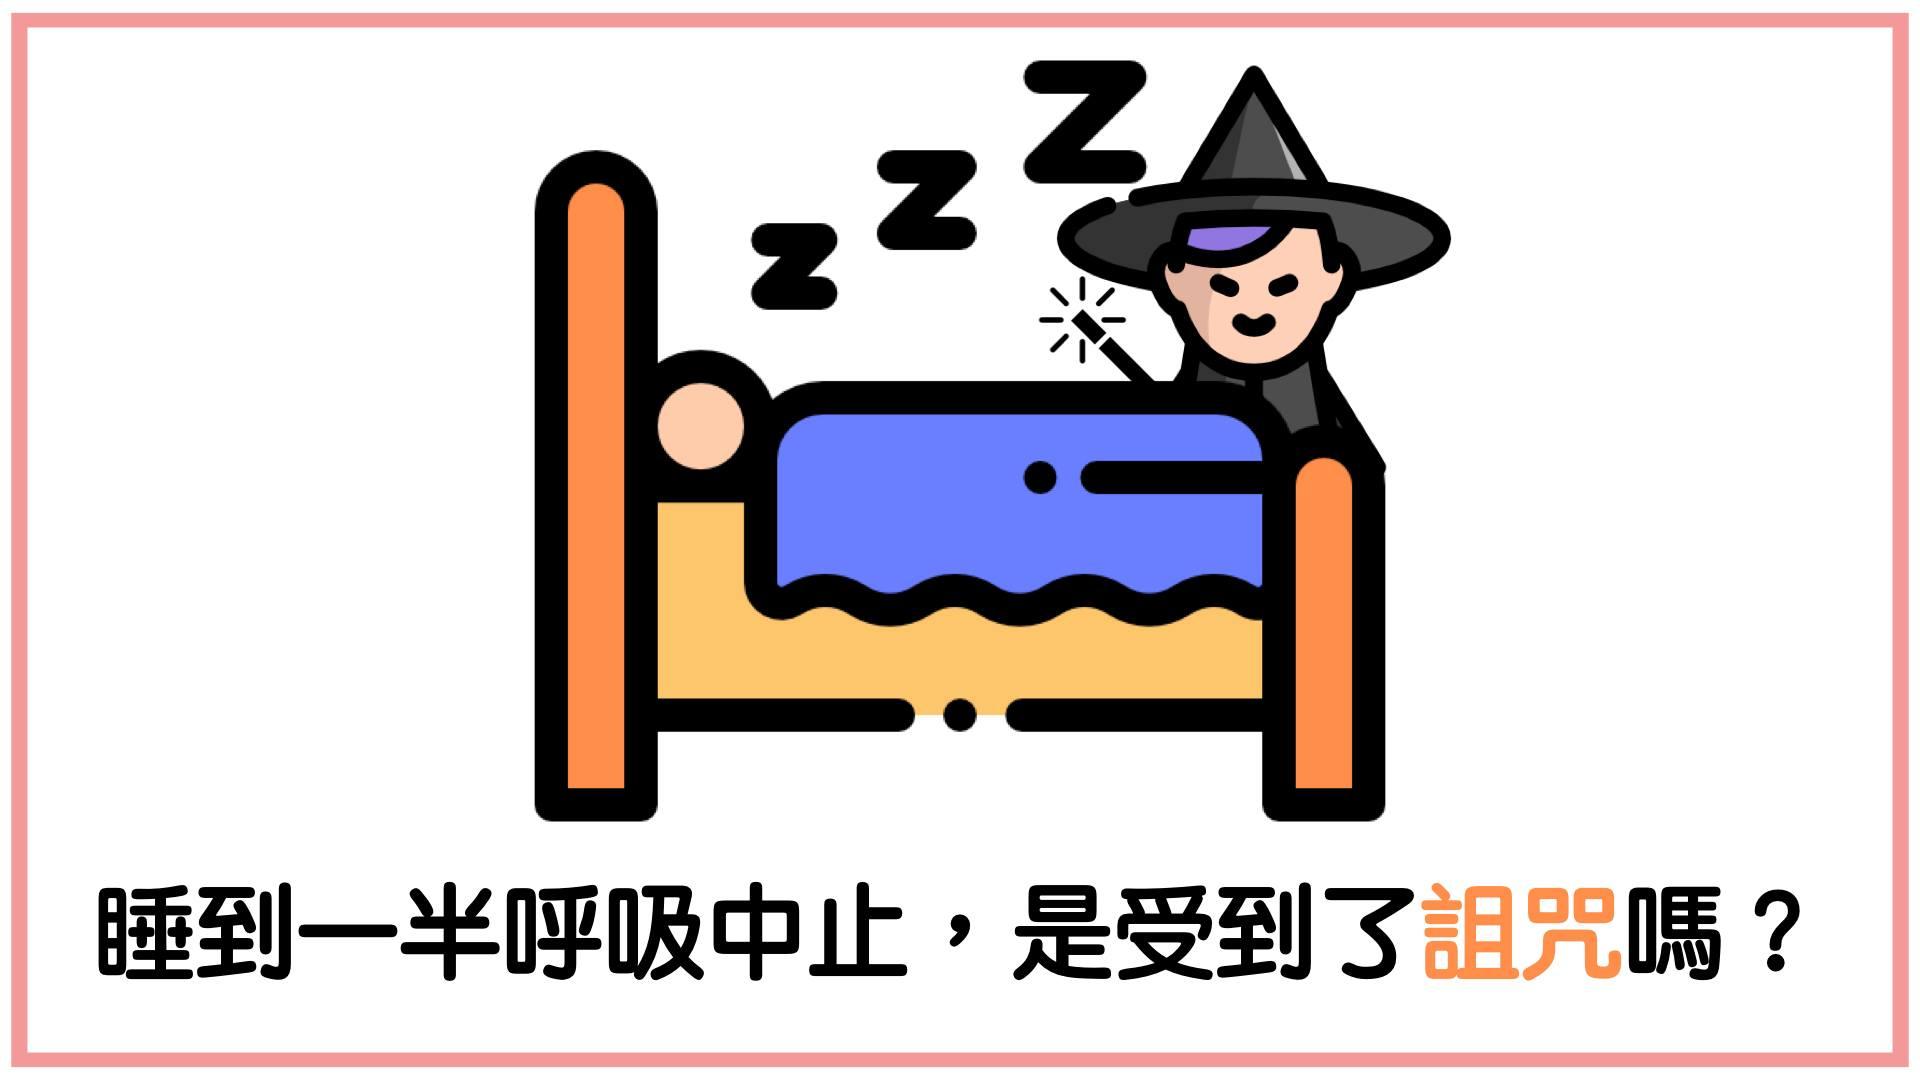 睡眠呼吸中止隱適美